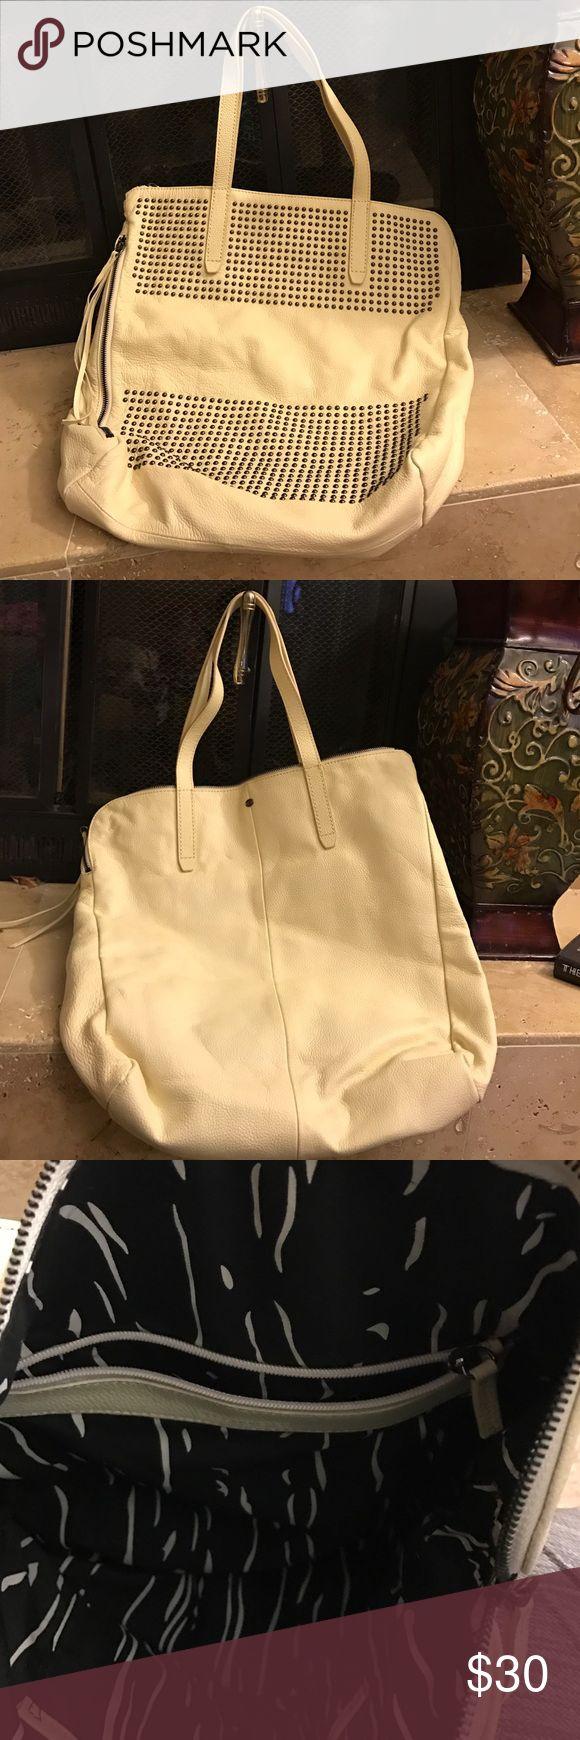 NEVER USED TOTE BAG Bags, Tote bag, Tote